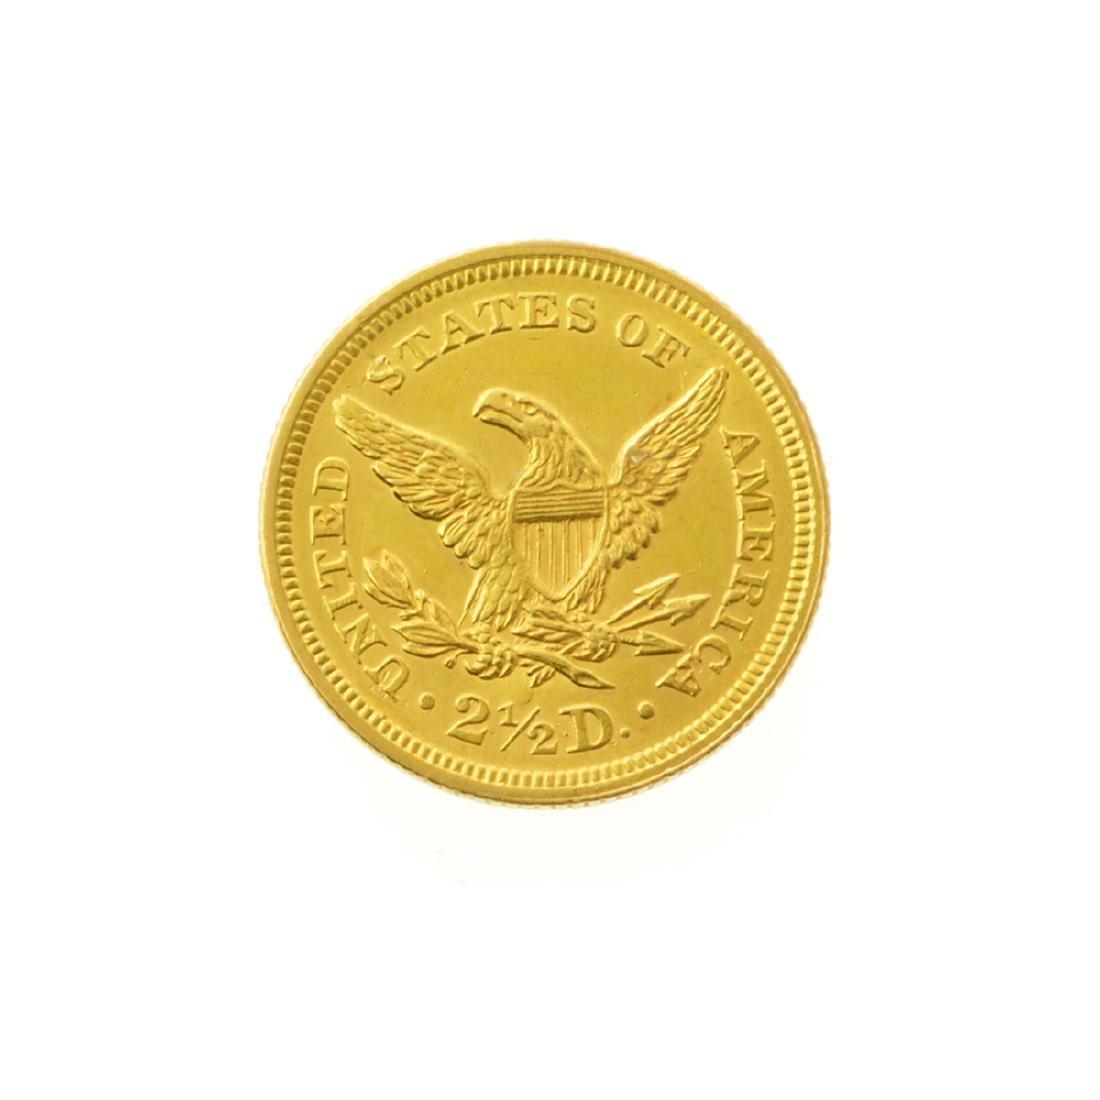 *1853 $2.50 U.S. Liberty Head Gold Coin (JG-JWJ) - 2